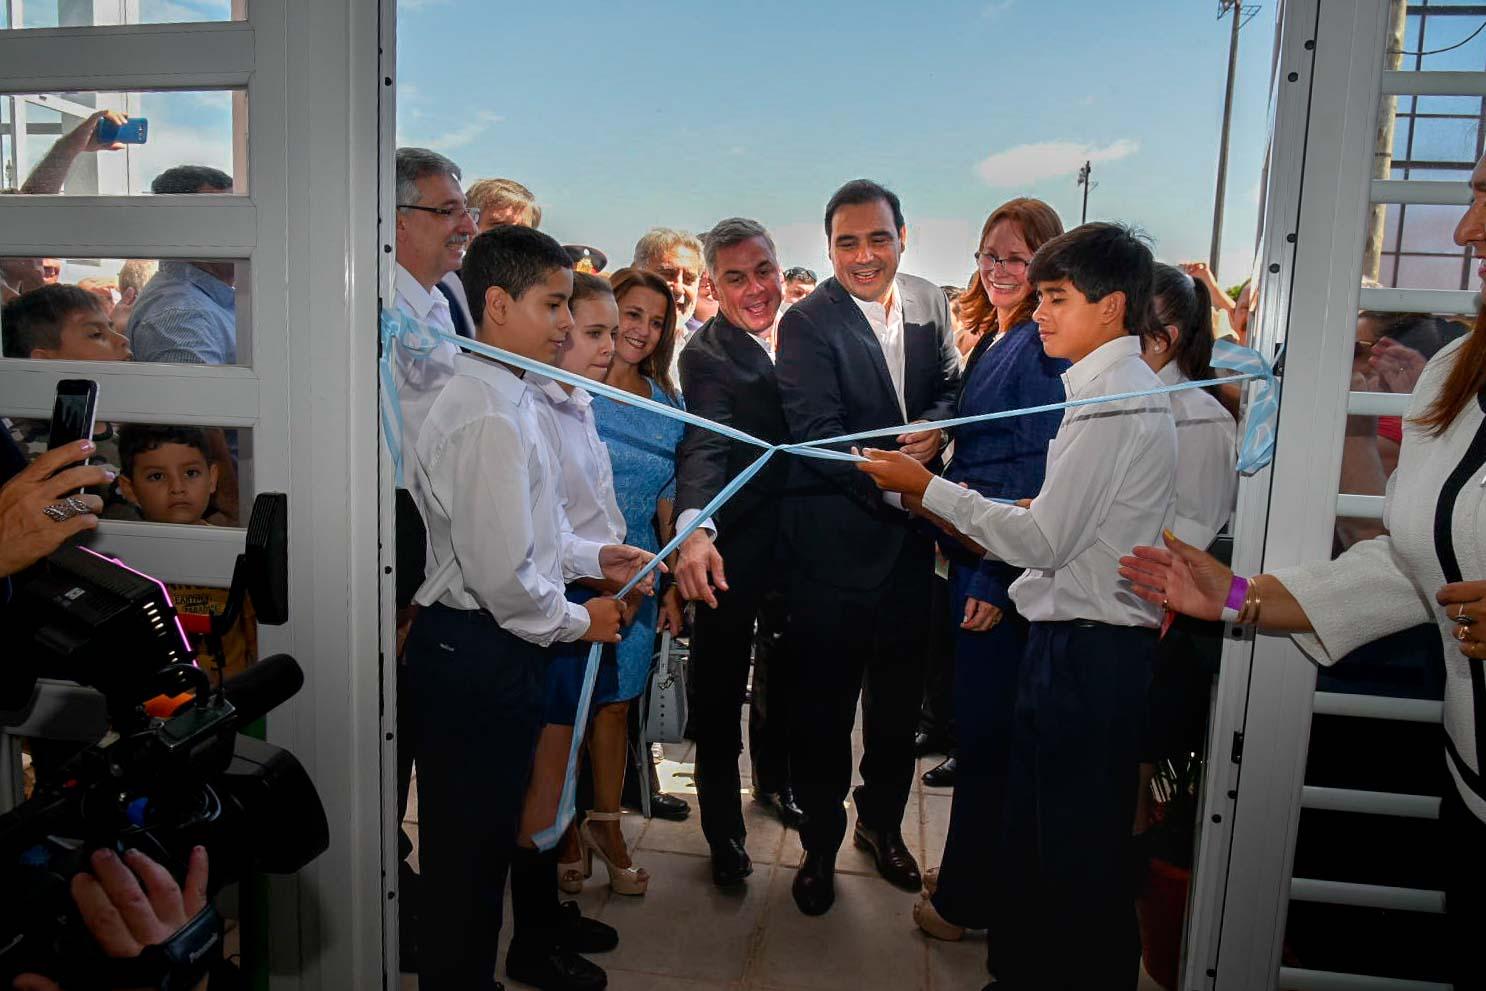 El gobernador Gustavo Valdés inauguró la  Escuela Secundaria del Barrio Norte en Bella Vista